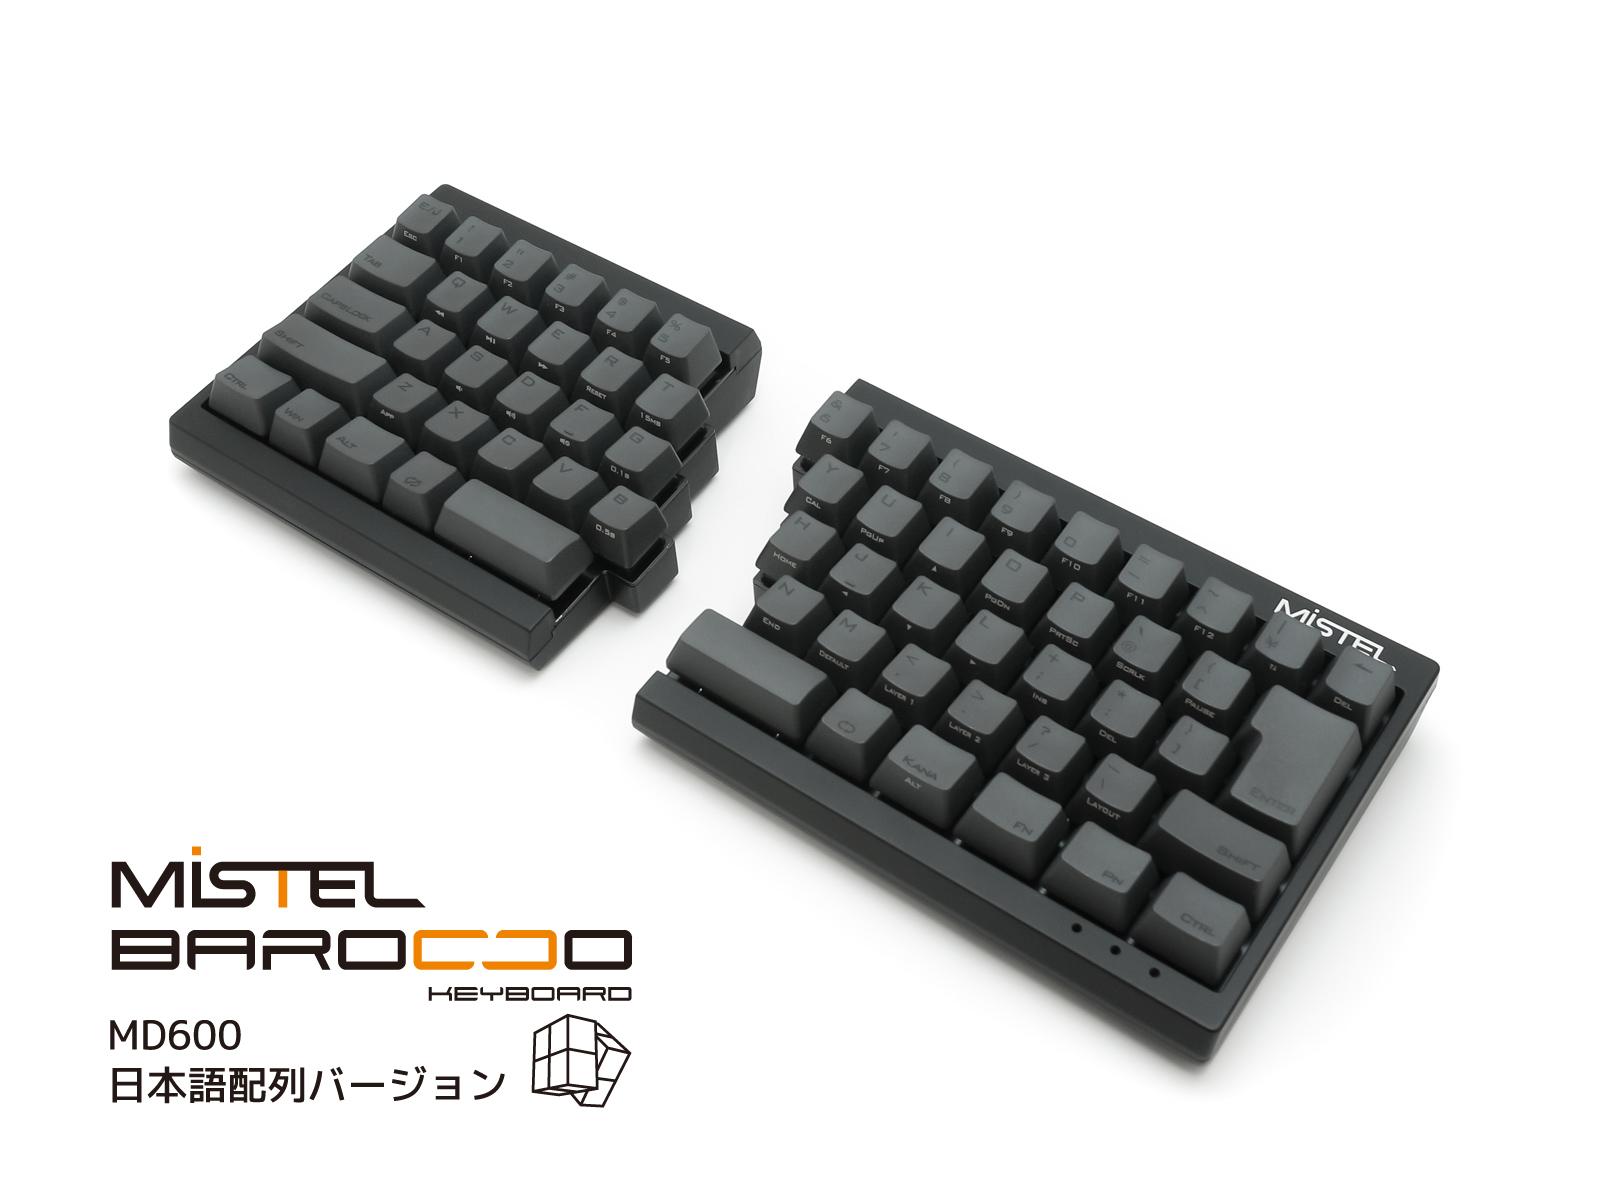 MISTEL コンパクトなのに分離型!エルゴノミクスキーボードの進化系 CHERRY MXスイッチ搭載 左右分離型 静音赤軸 メカニカルキーボード 日本語JIS配列 Barocco MD600-PJPPSGAA1